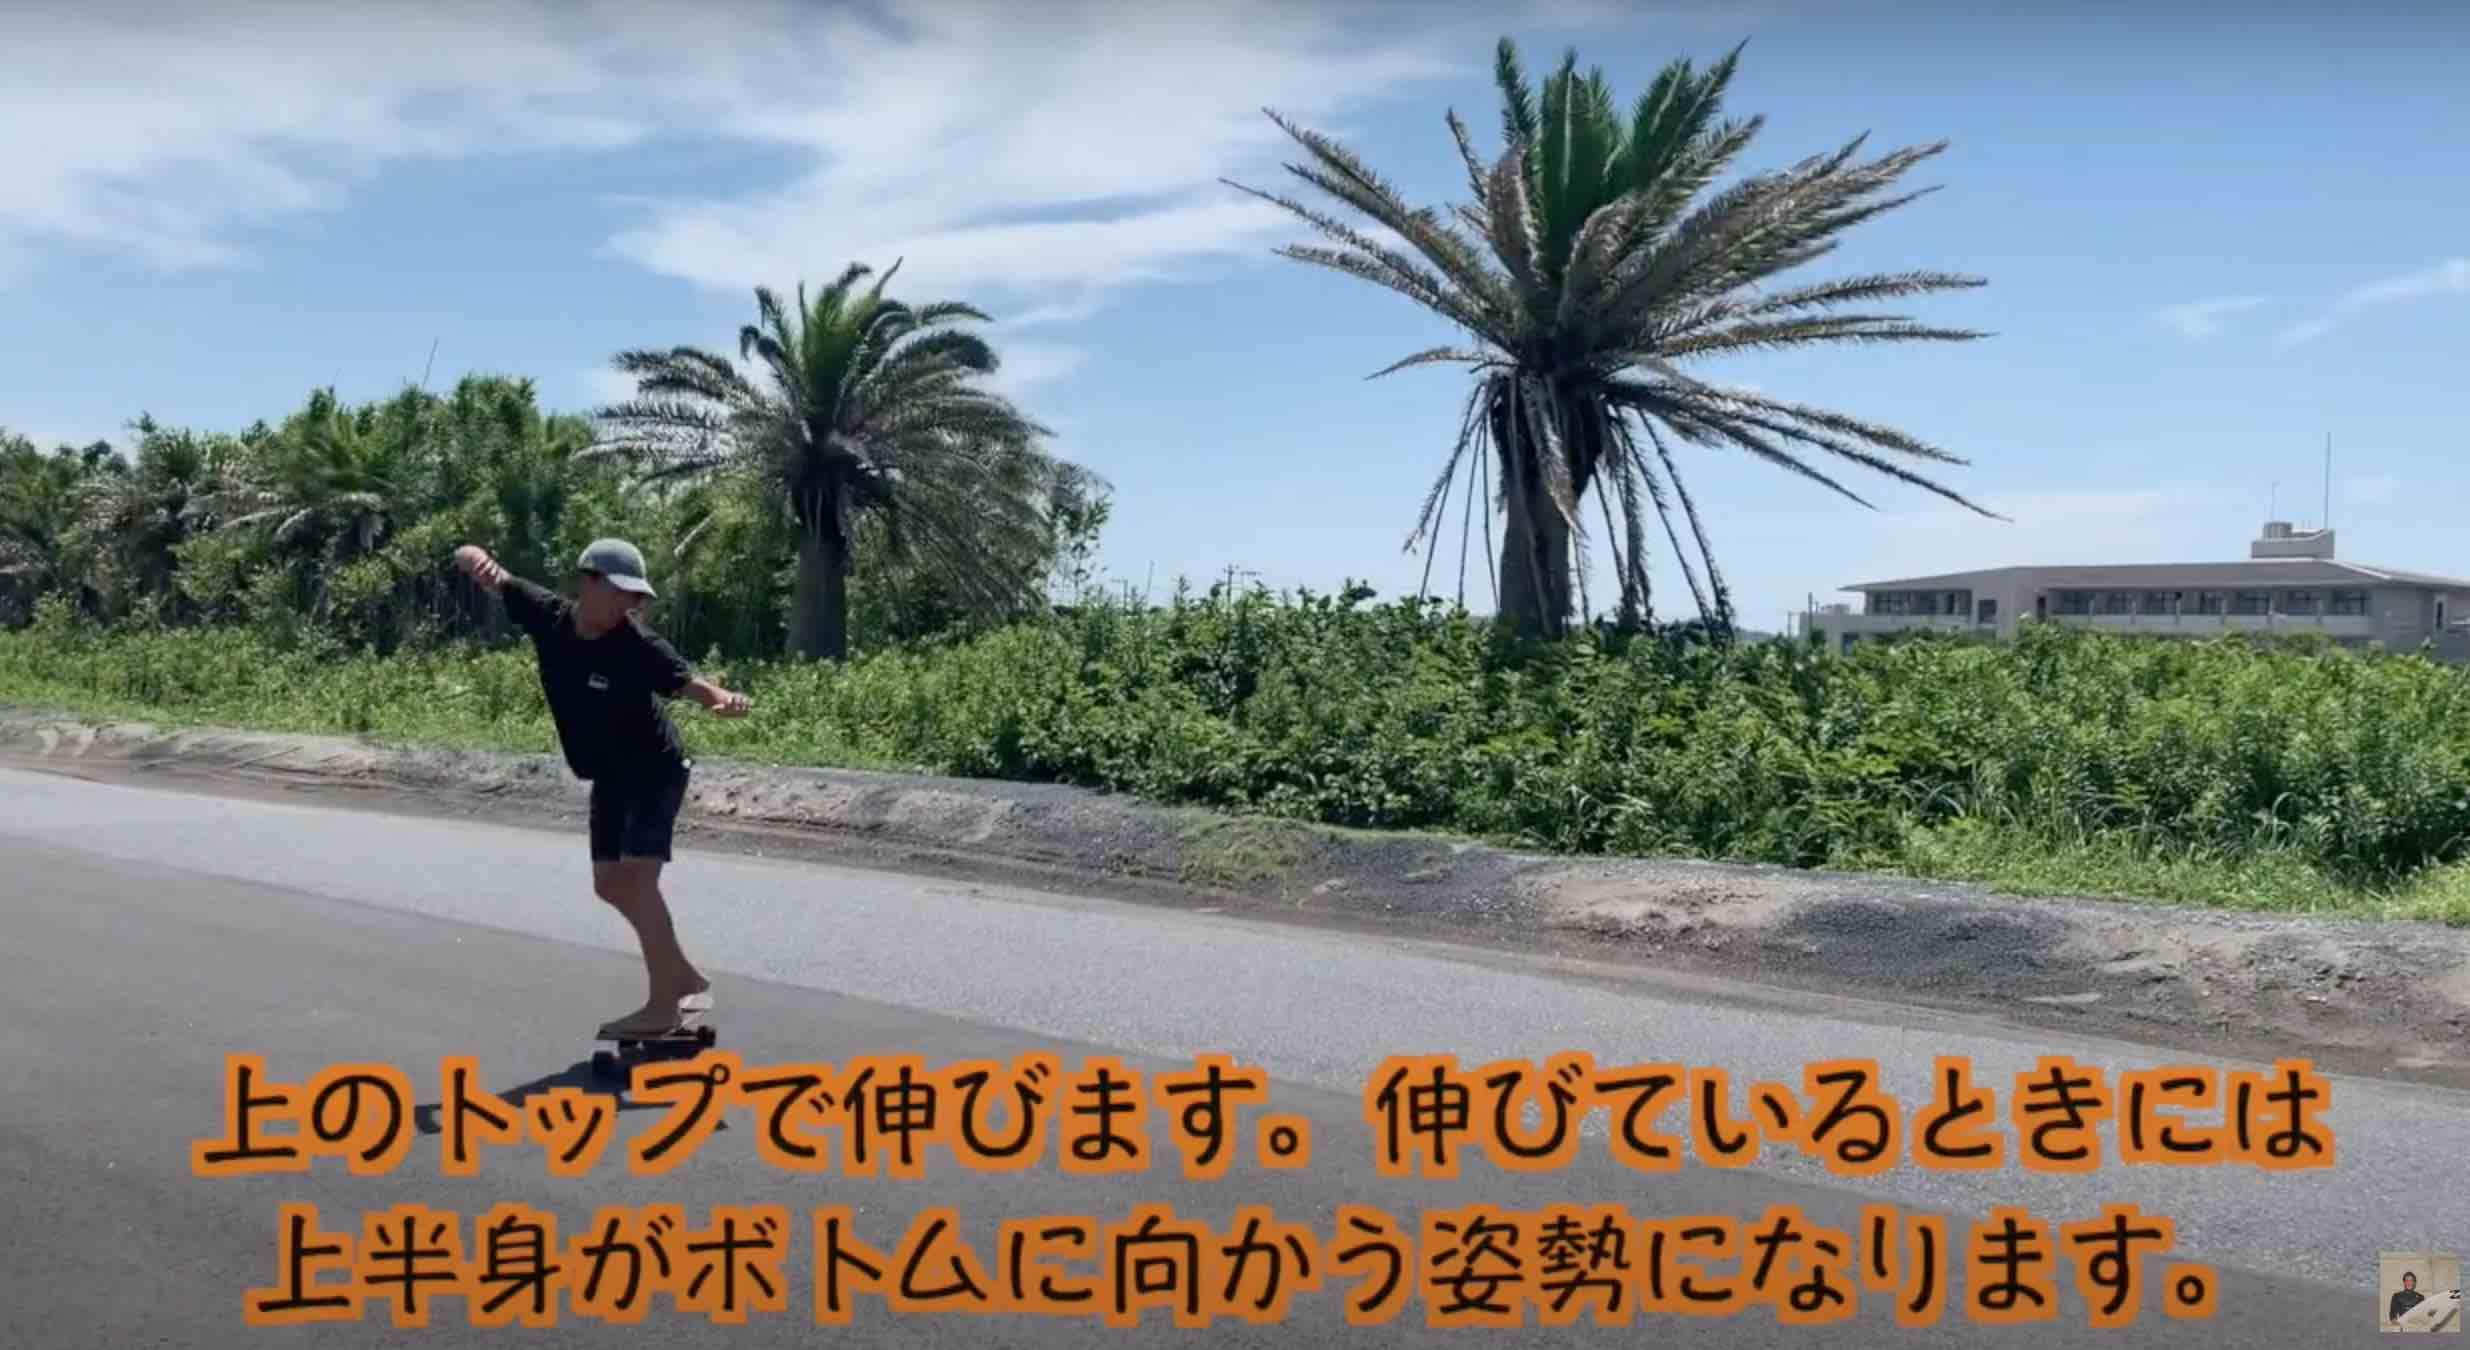 【How to】エアリスト・プロサーファー鈴木仁が教えるスケートボードを使ったアップスダウン練習法